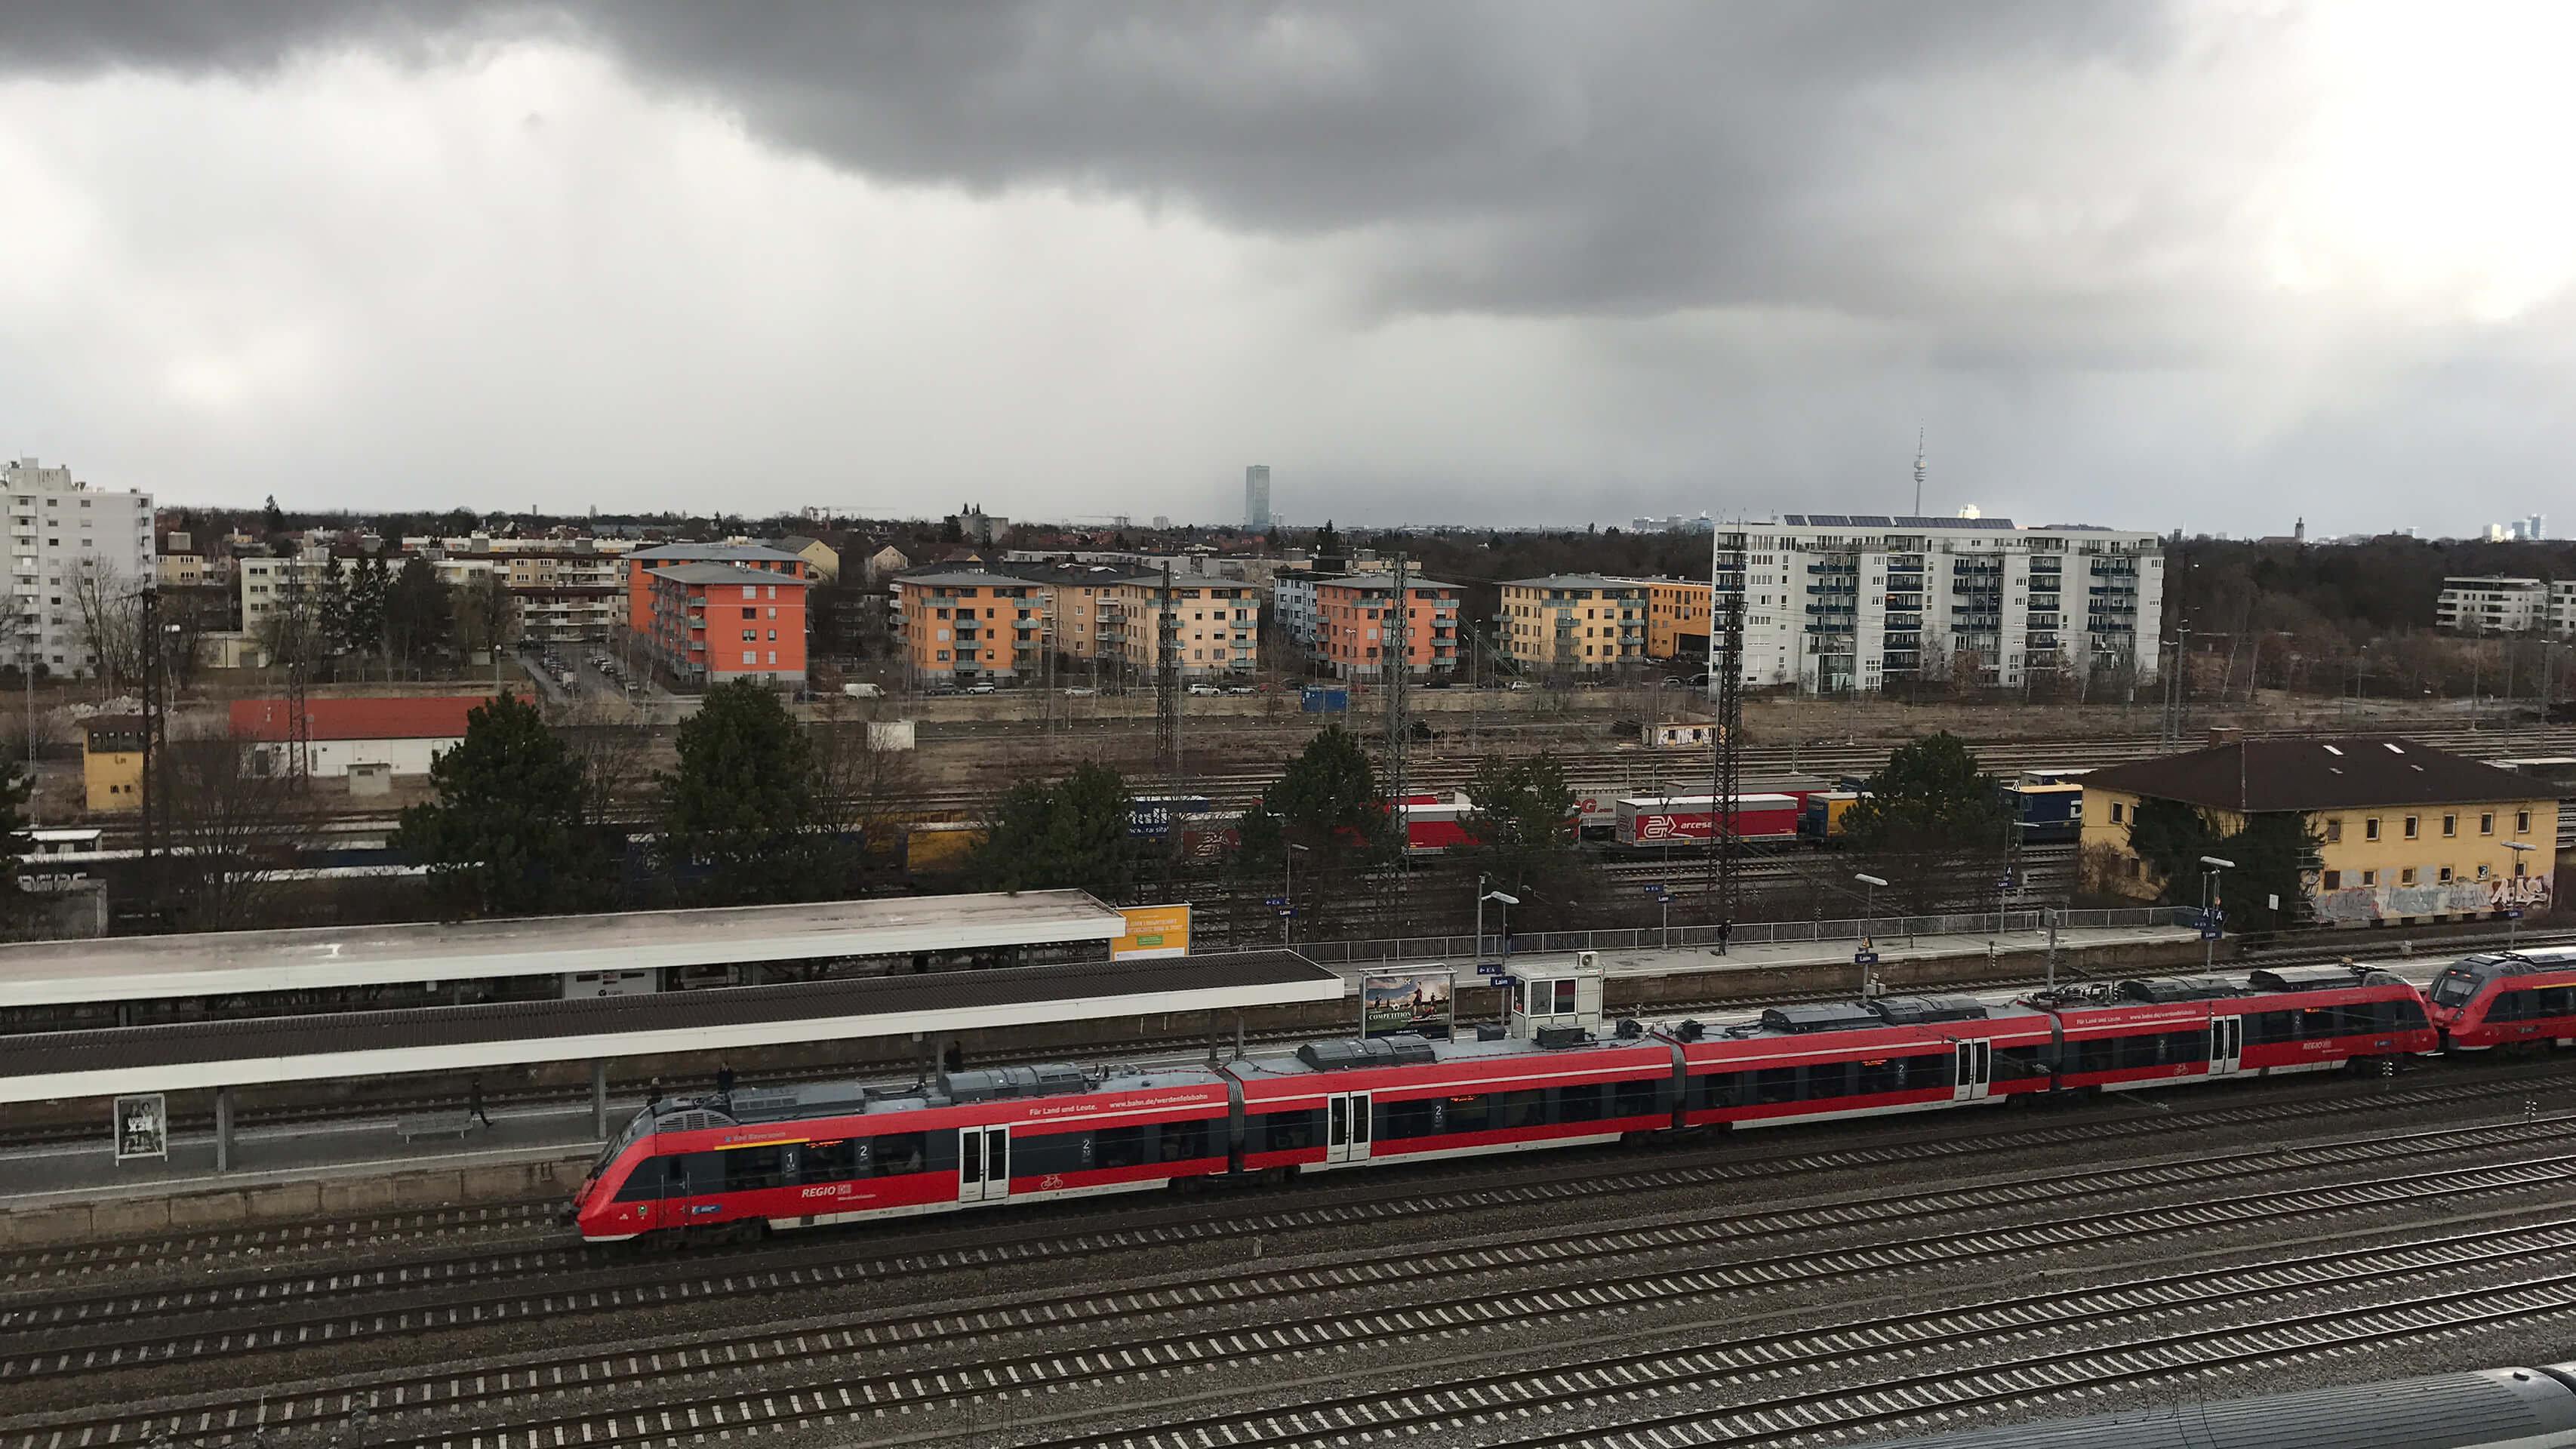 Bild vom Bahnhof München Laim mit Sbahn